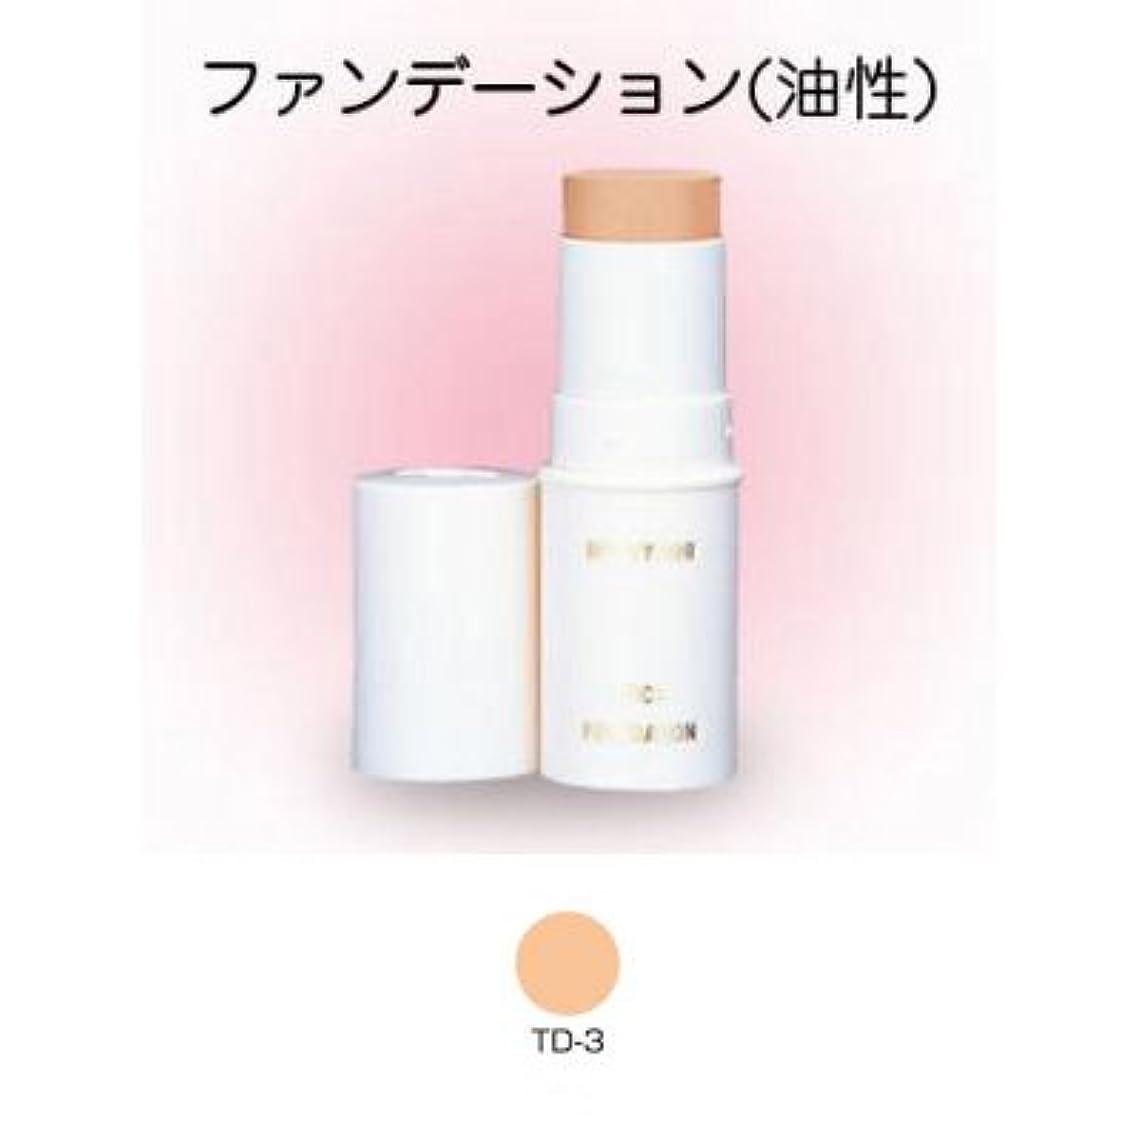 強い葉っぱアンテナスティックファンデーション 16g TD-3 【三善】